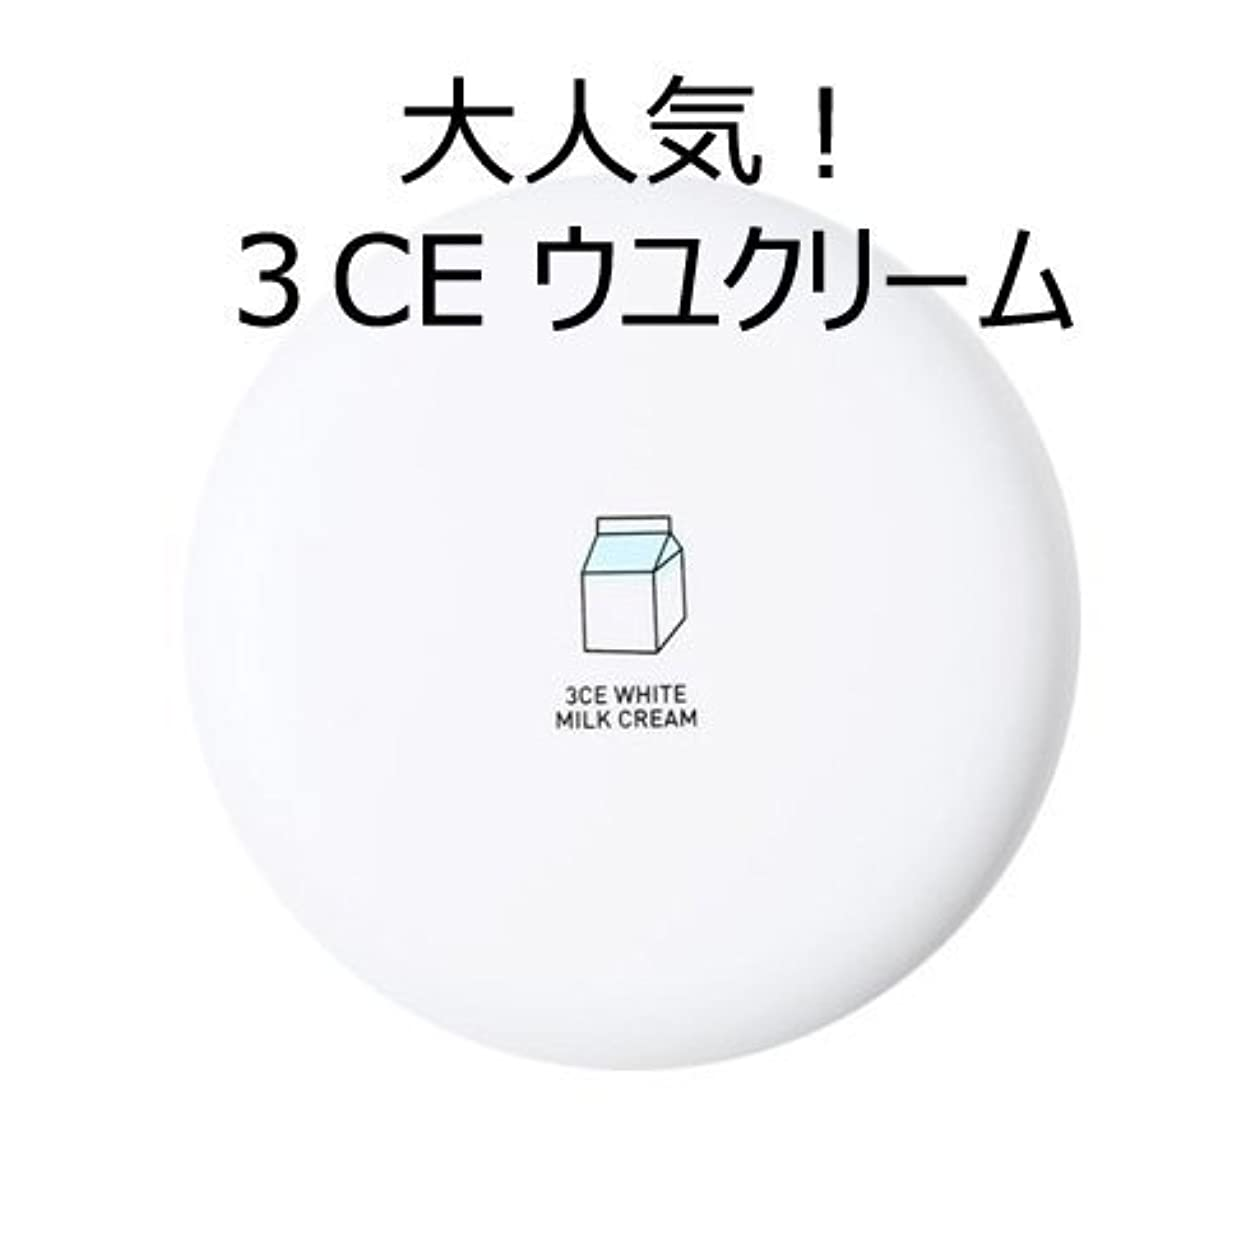 非効率的な少なくとも批判する[3CE] [大人気!話題のウユクリーム] 3CE White Milk Cream [並行輸入品]